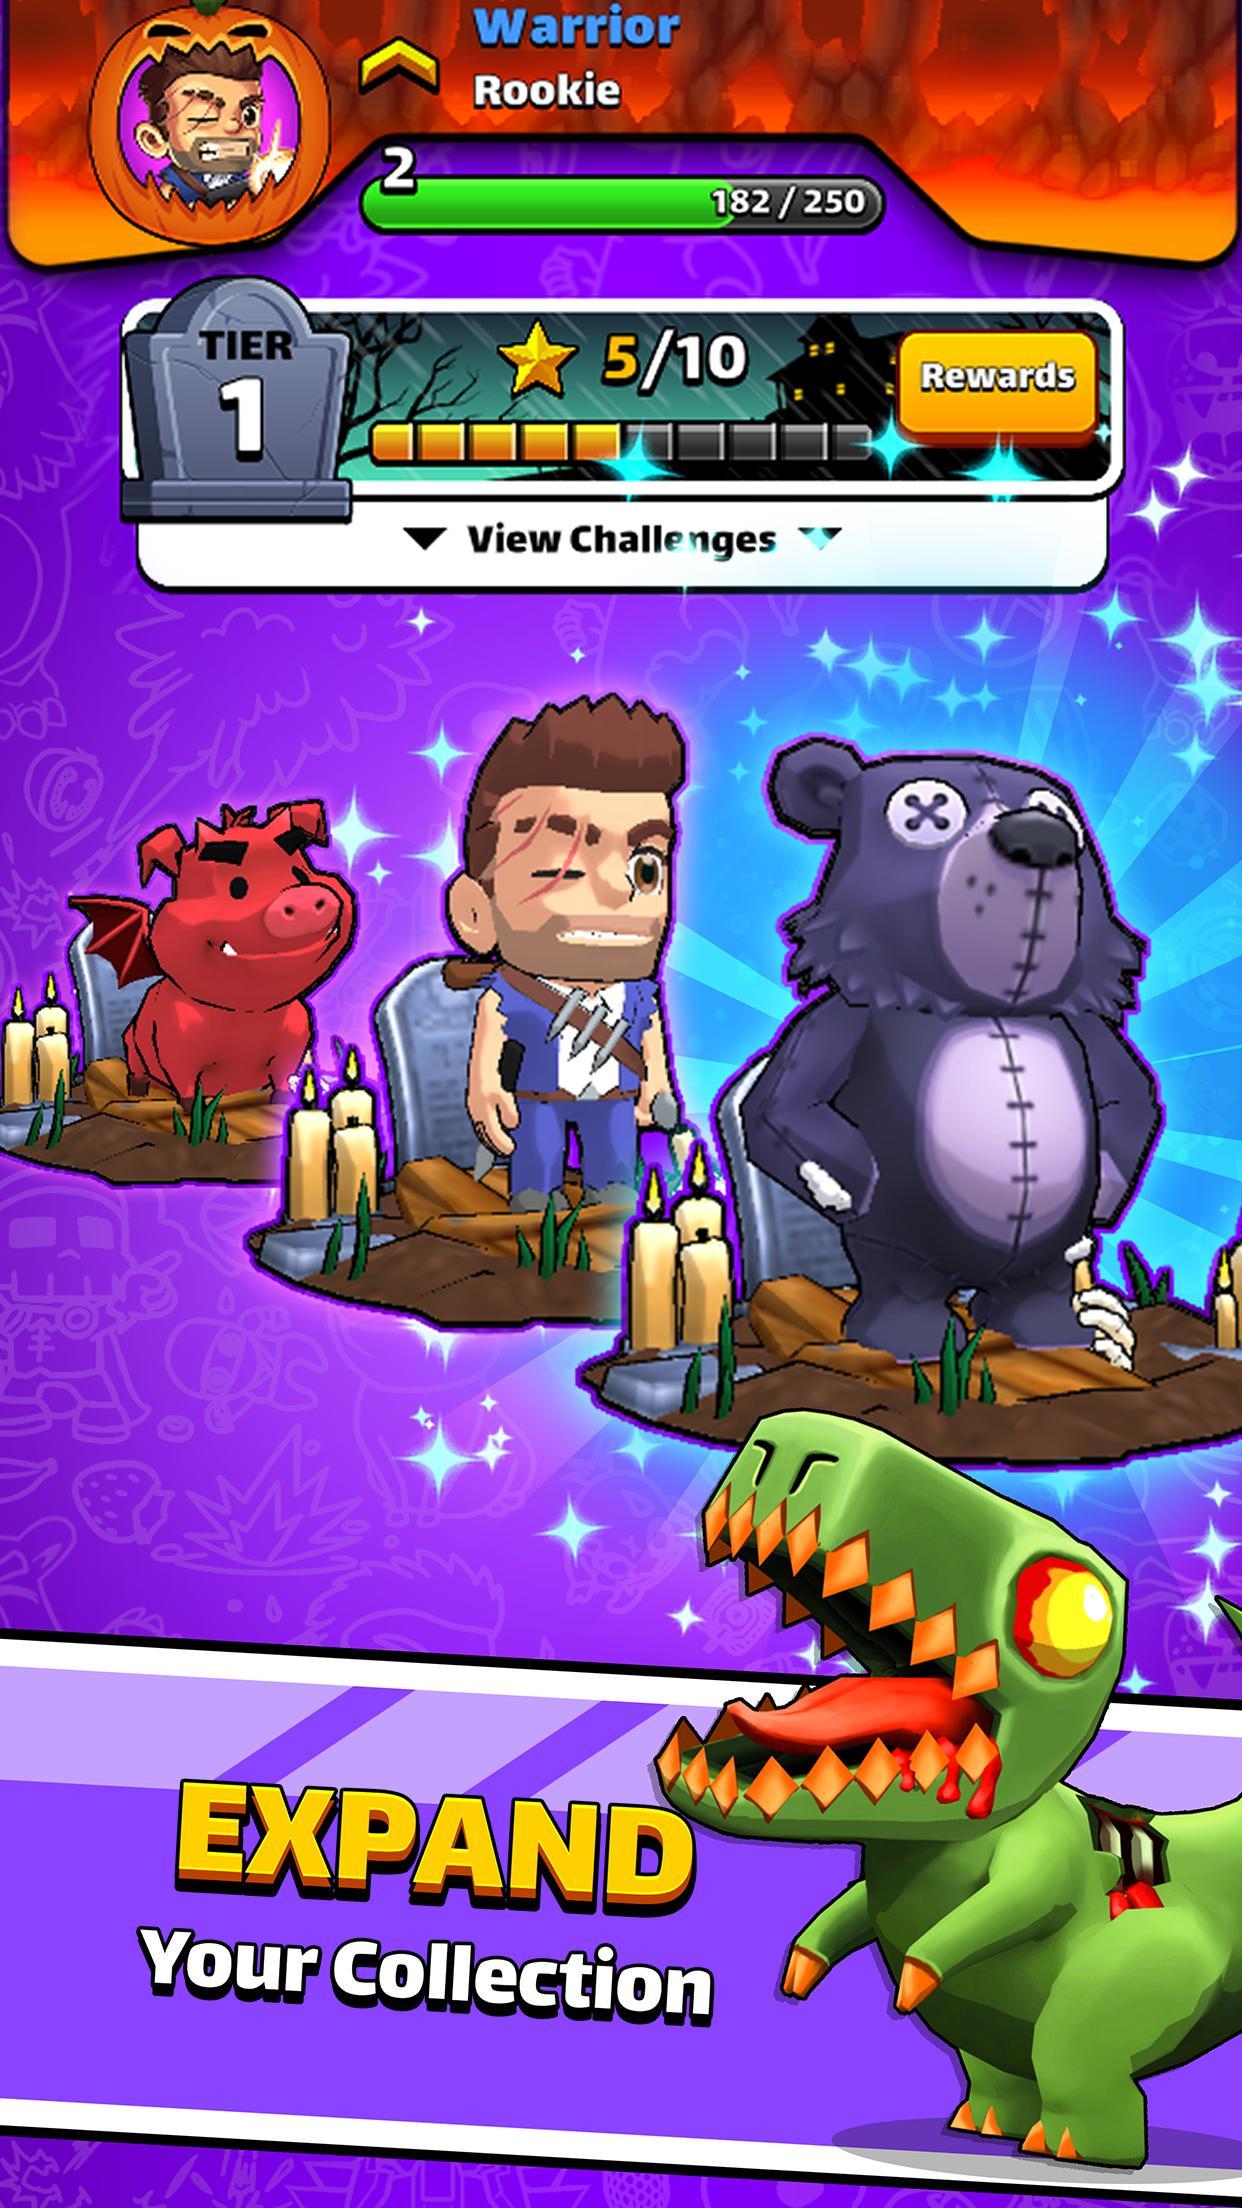 Magic Brick Wars Multiplayer Games 1.0.36 Screenshot 4